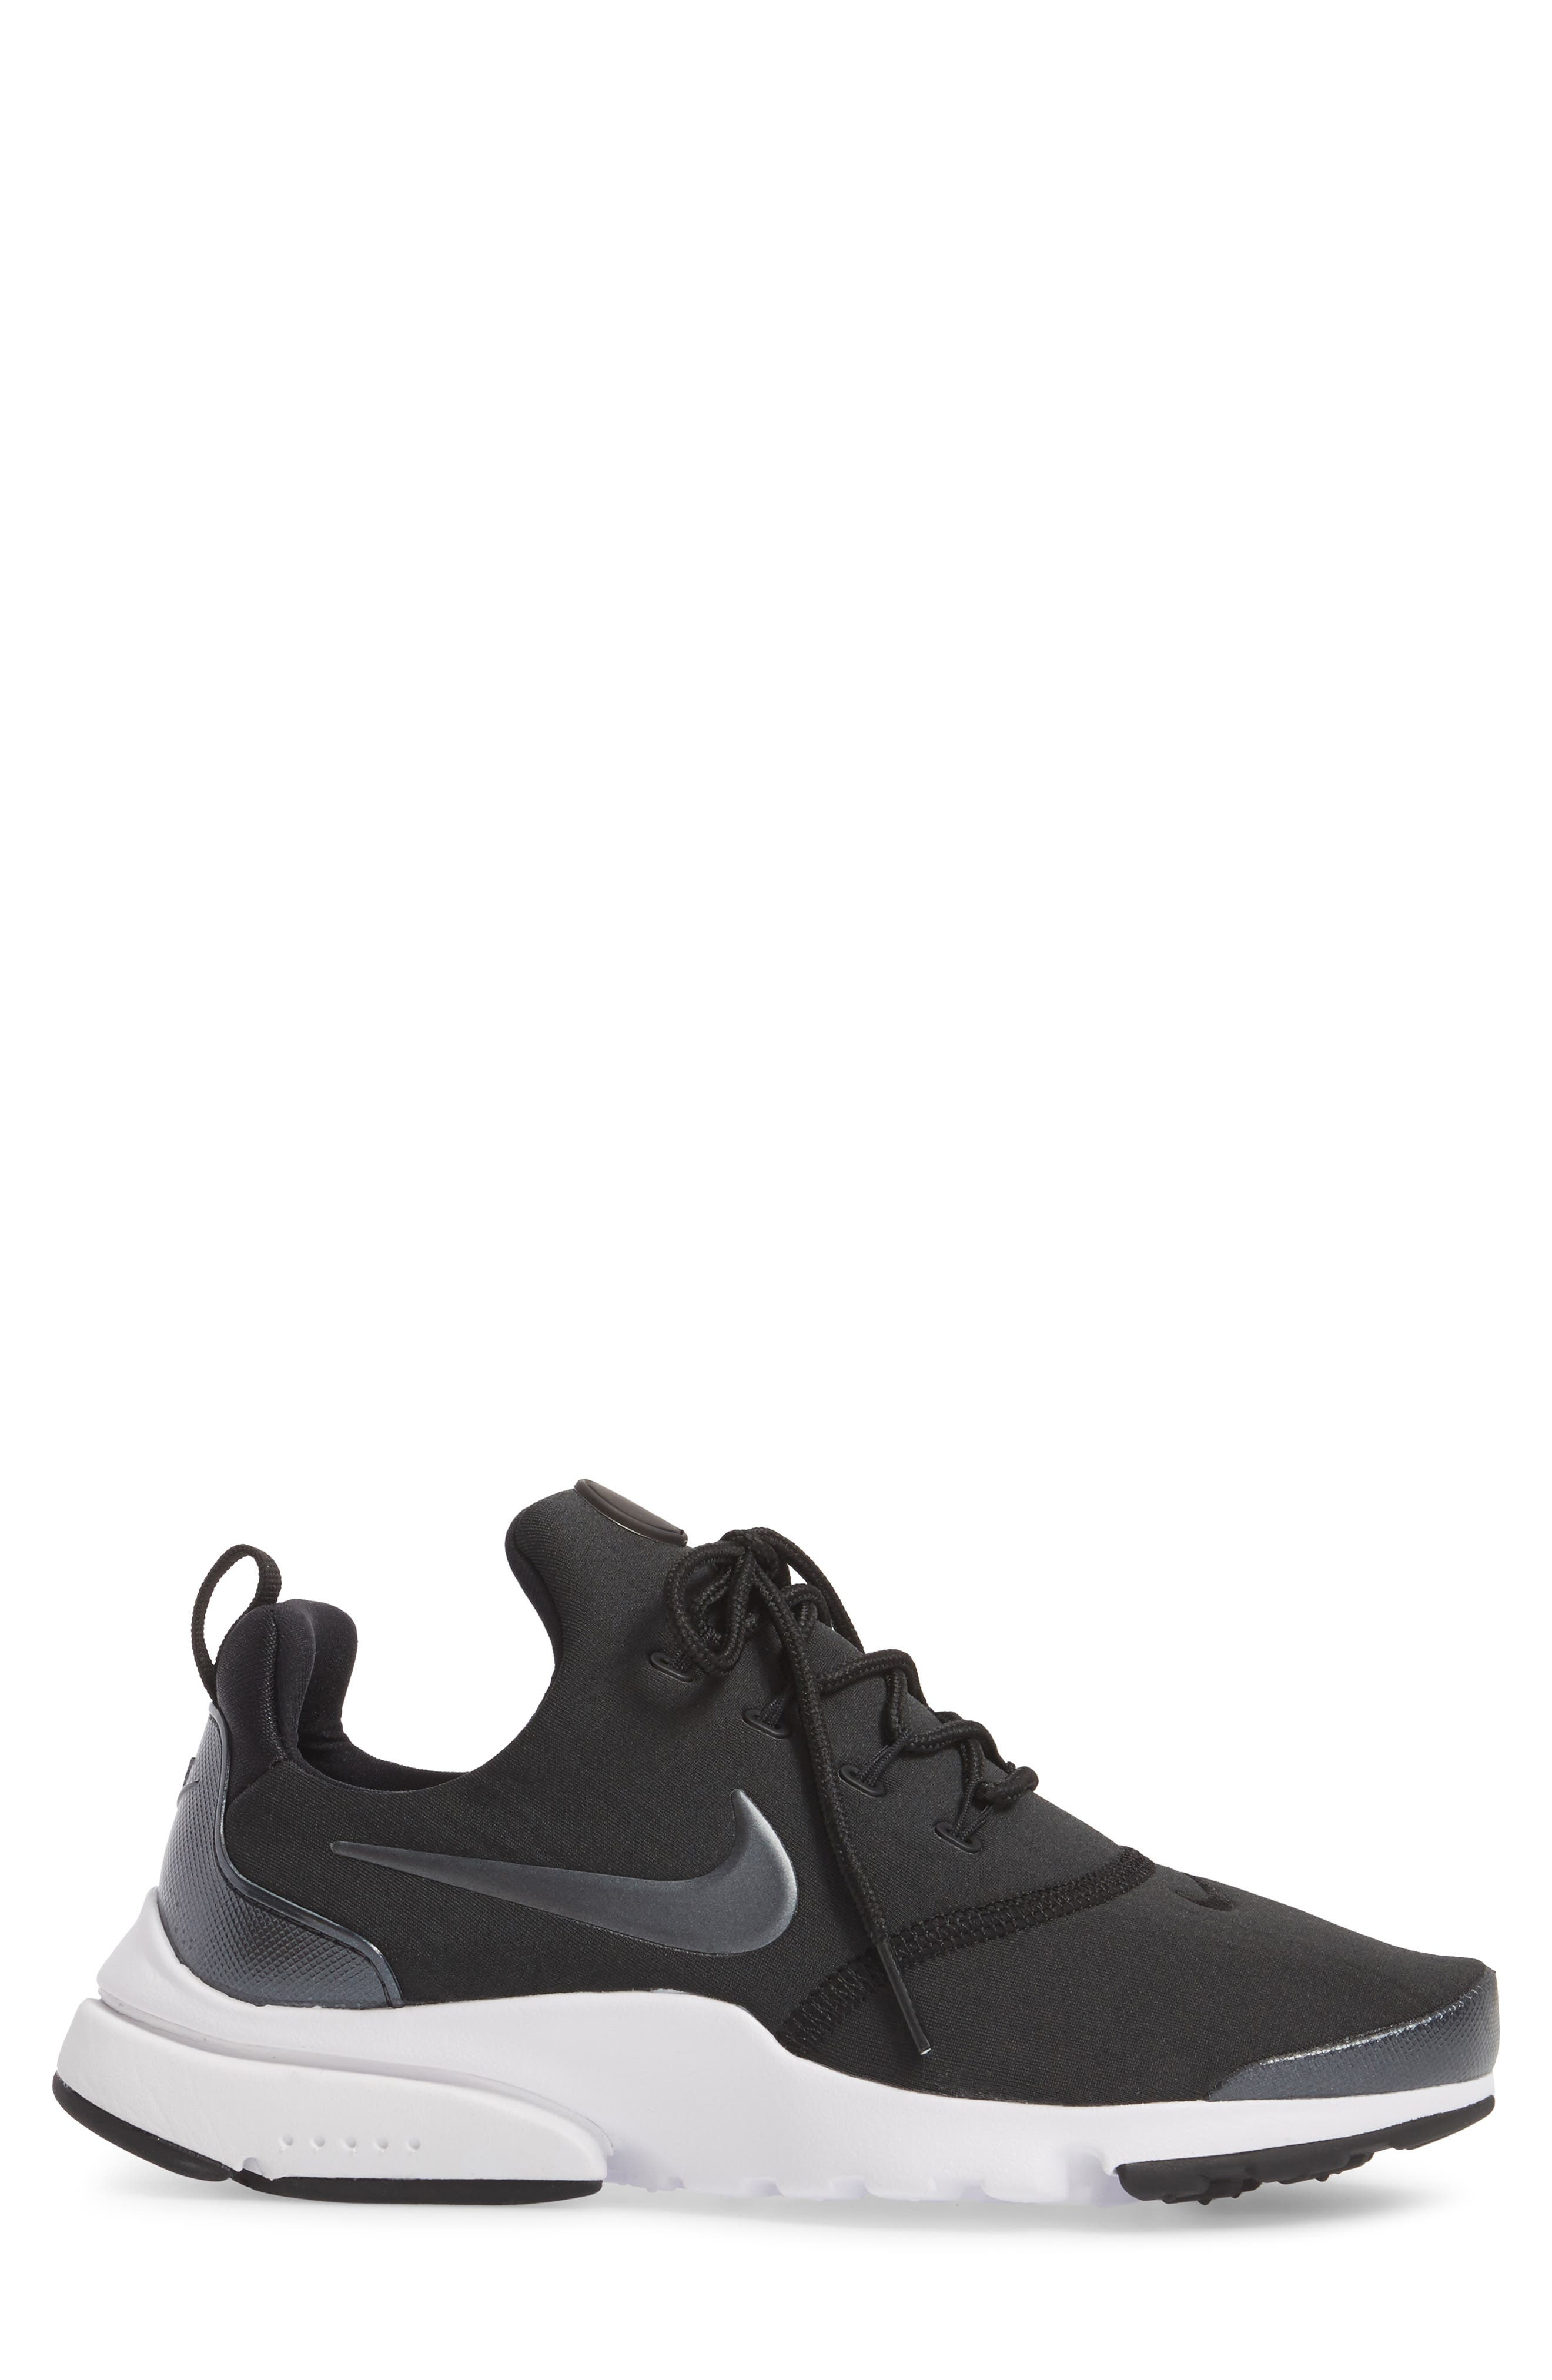 Presto Ultra SE Sneaker,                             Alternate thumbnail 3, color,                             Black/ Grey/ White